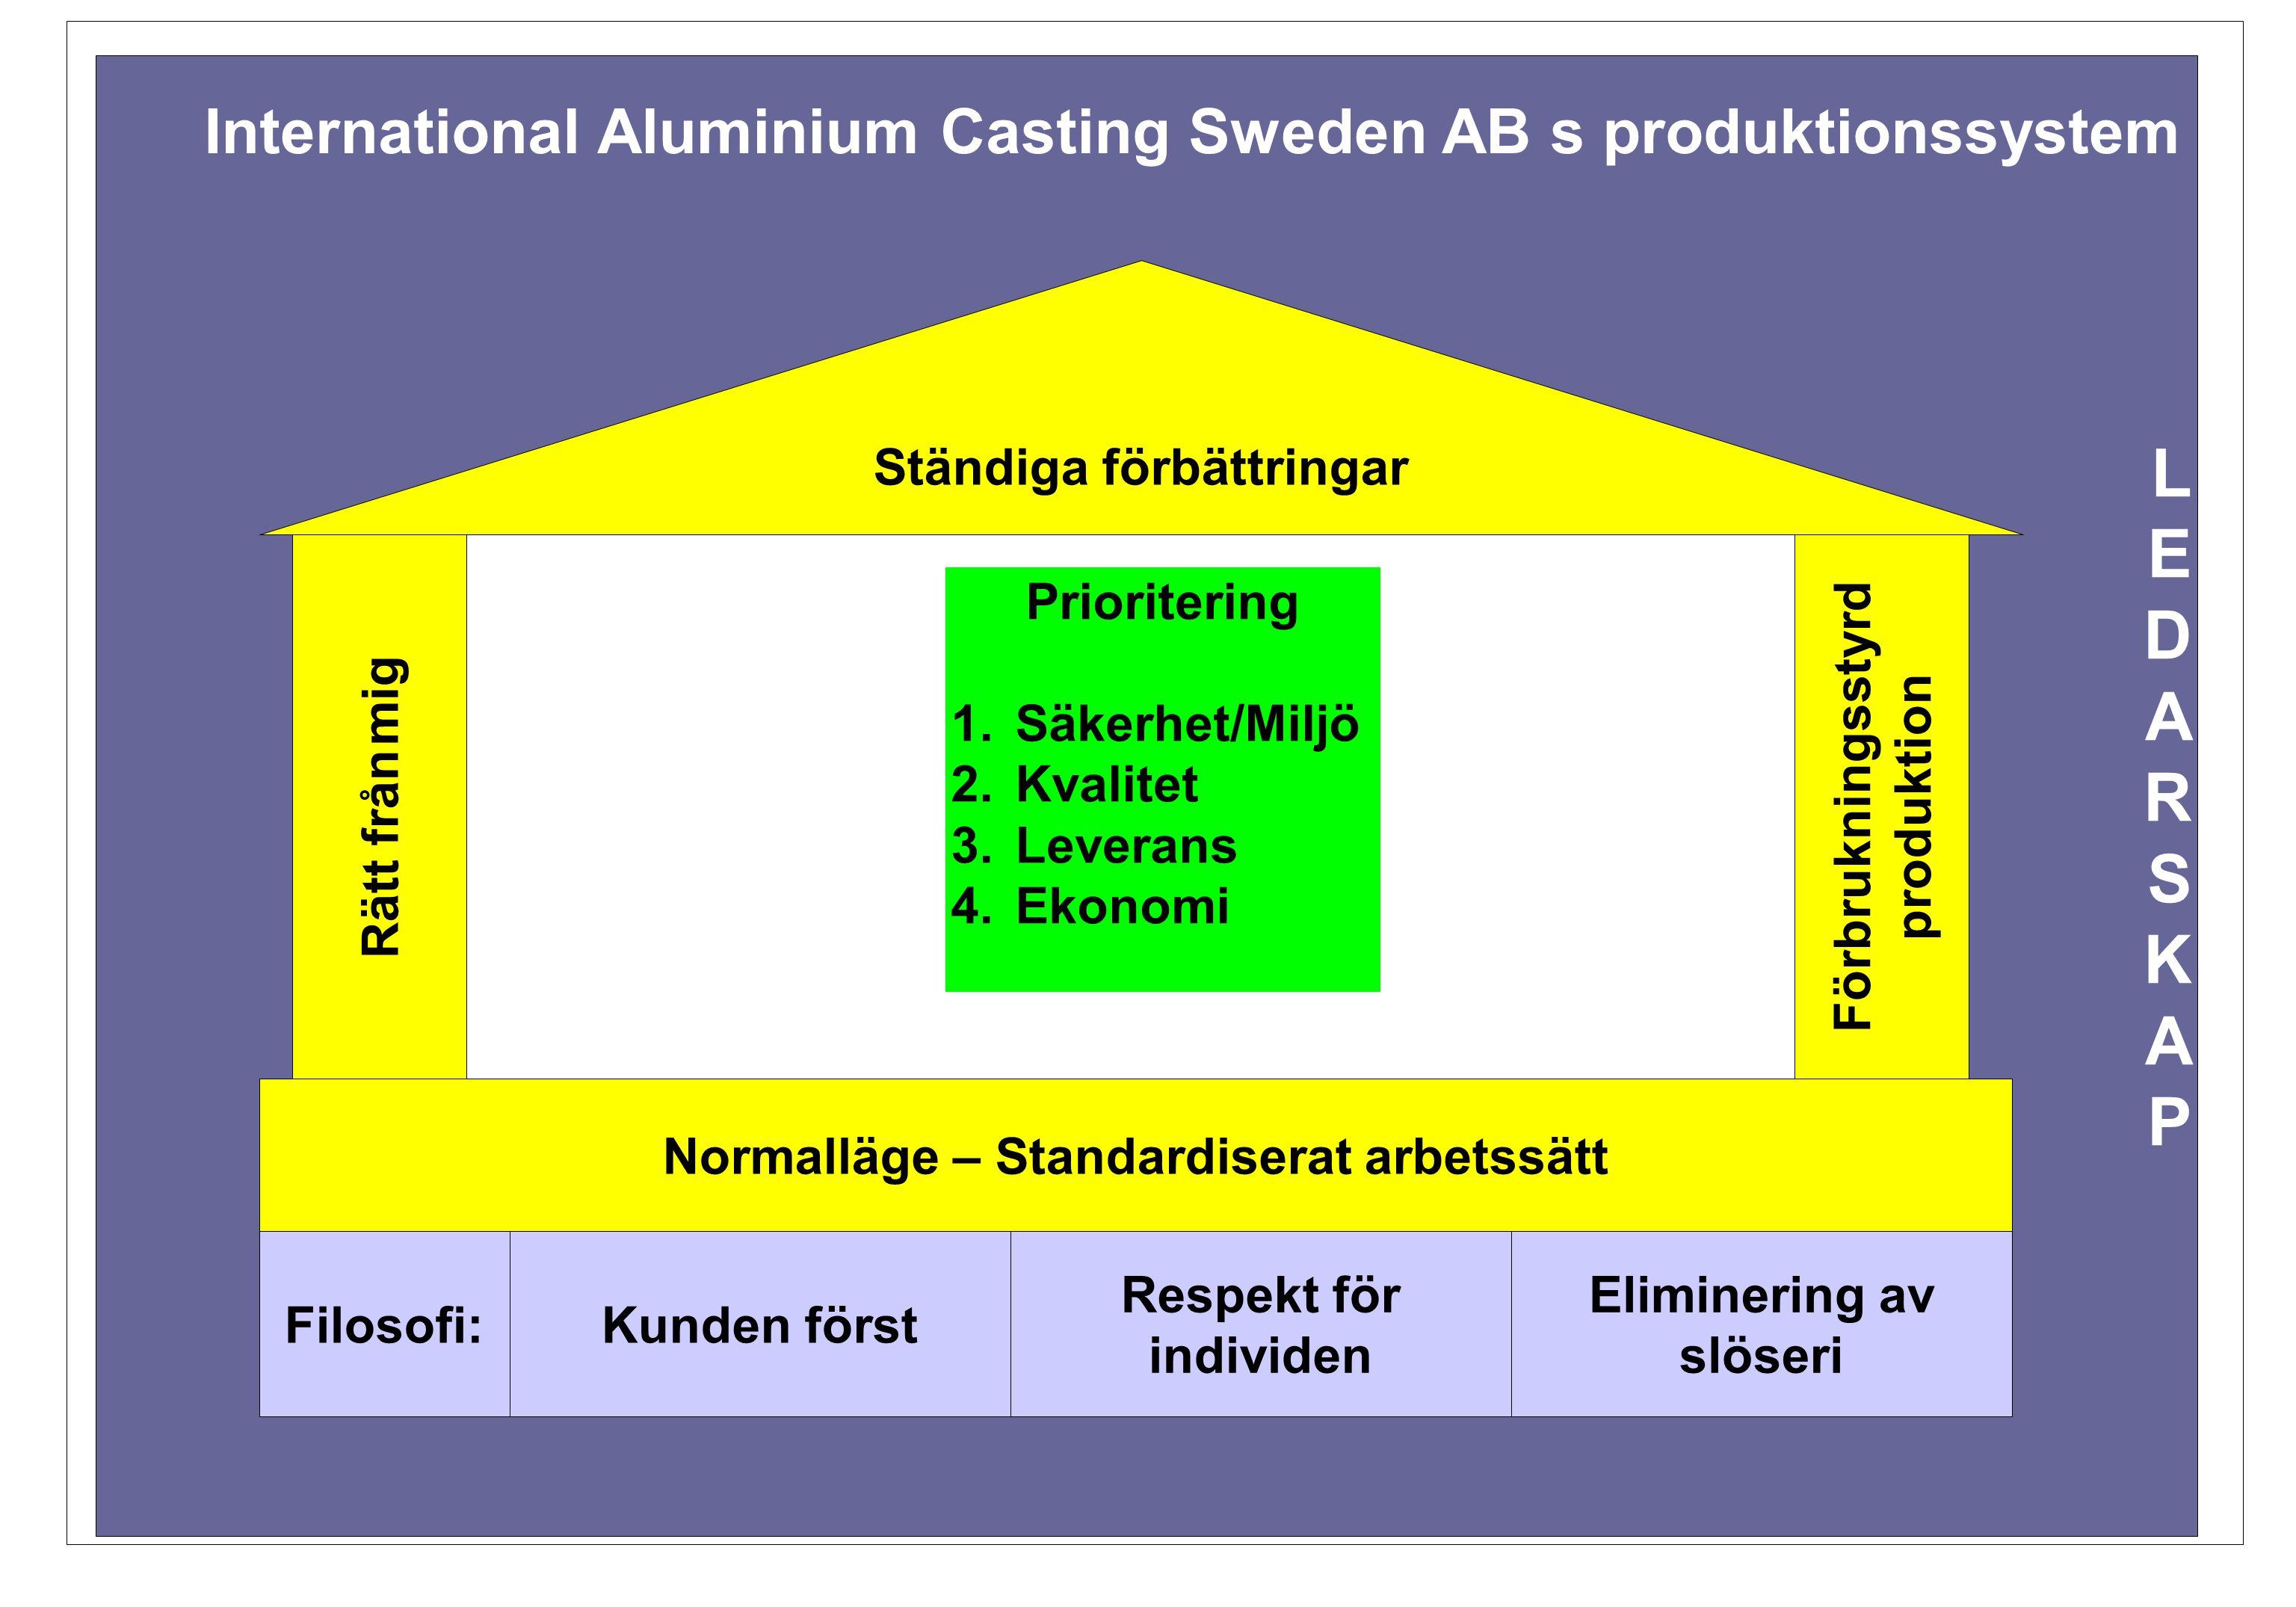 L E. D. A. R. S. K. P. International Aluminium Casting Sweden AB s produktionssystem. Ständiga förbättringar.